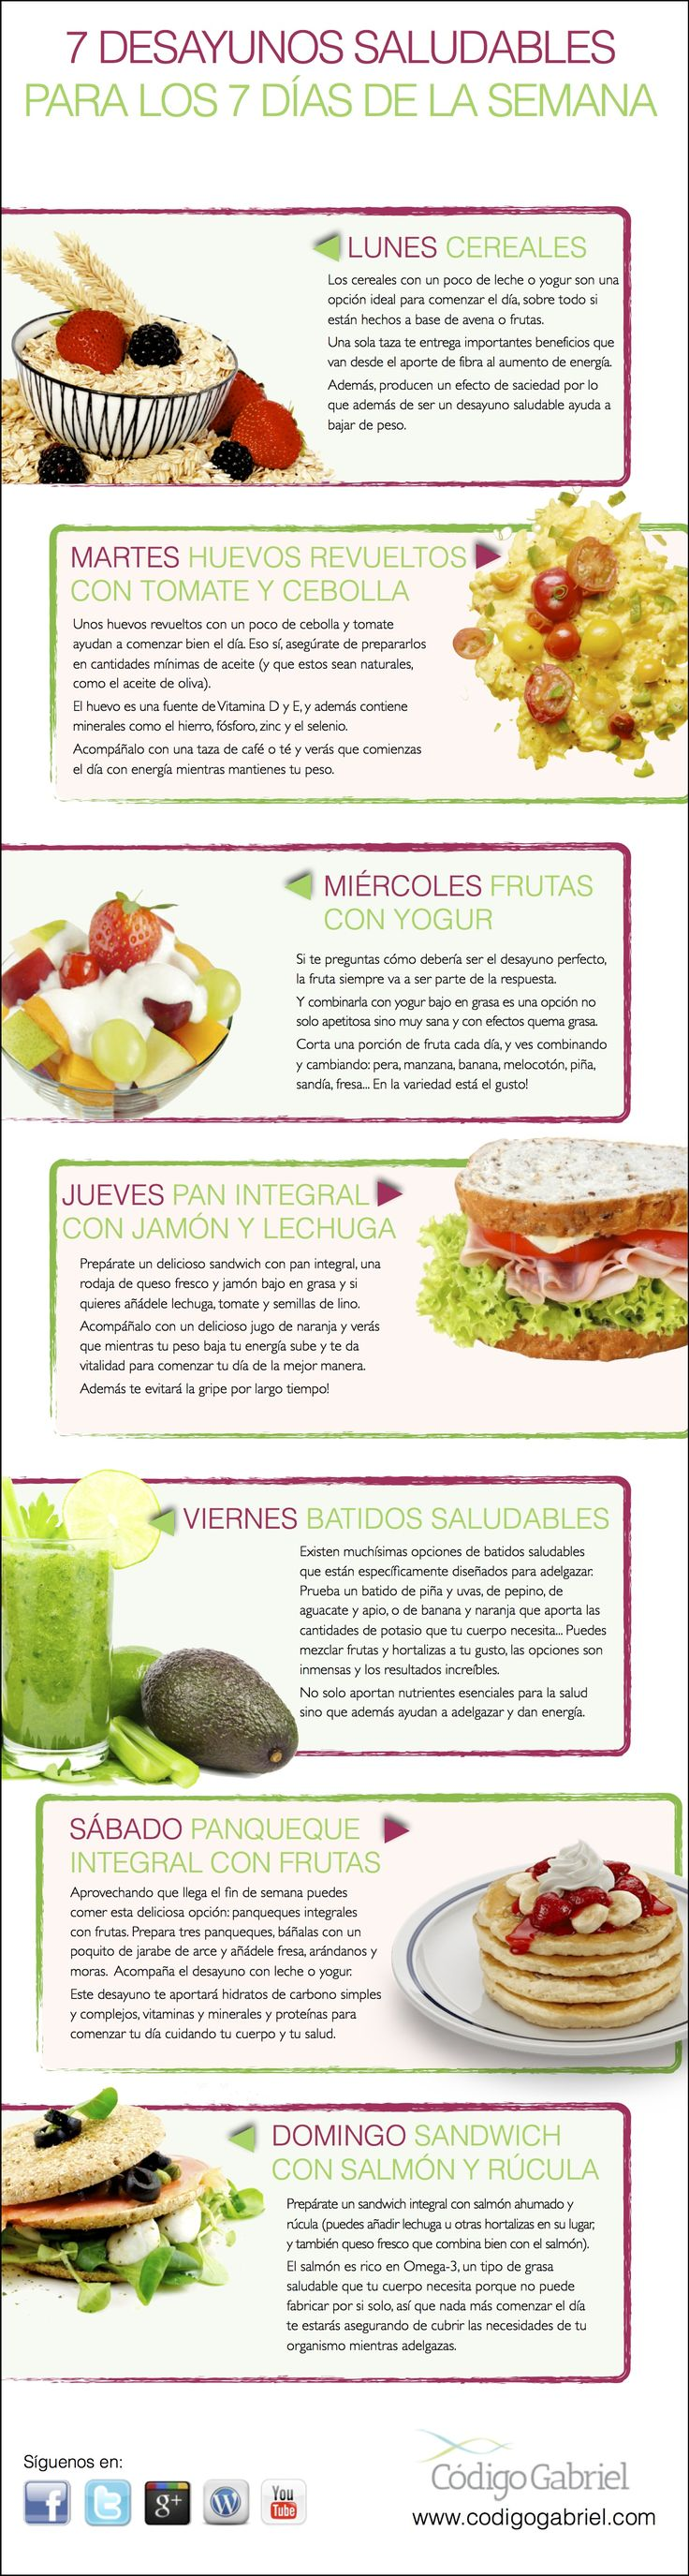 5 Ideas de desayunos saludables para la semana ;) #salud #estudiantes #umayor                                                                                                                                                     Más